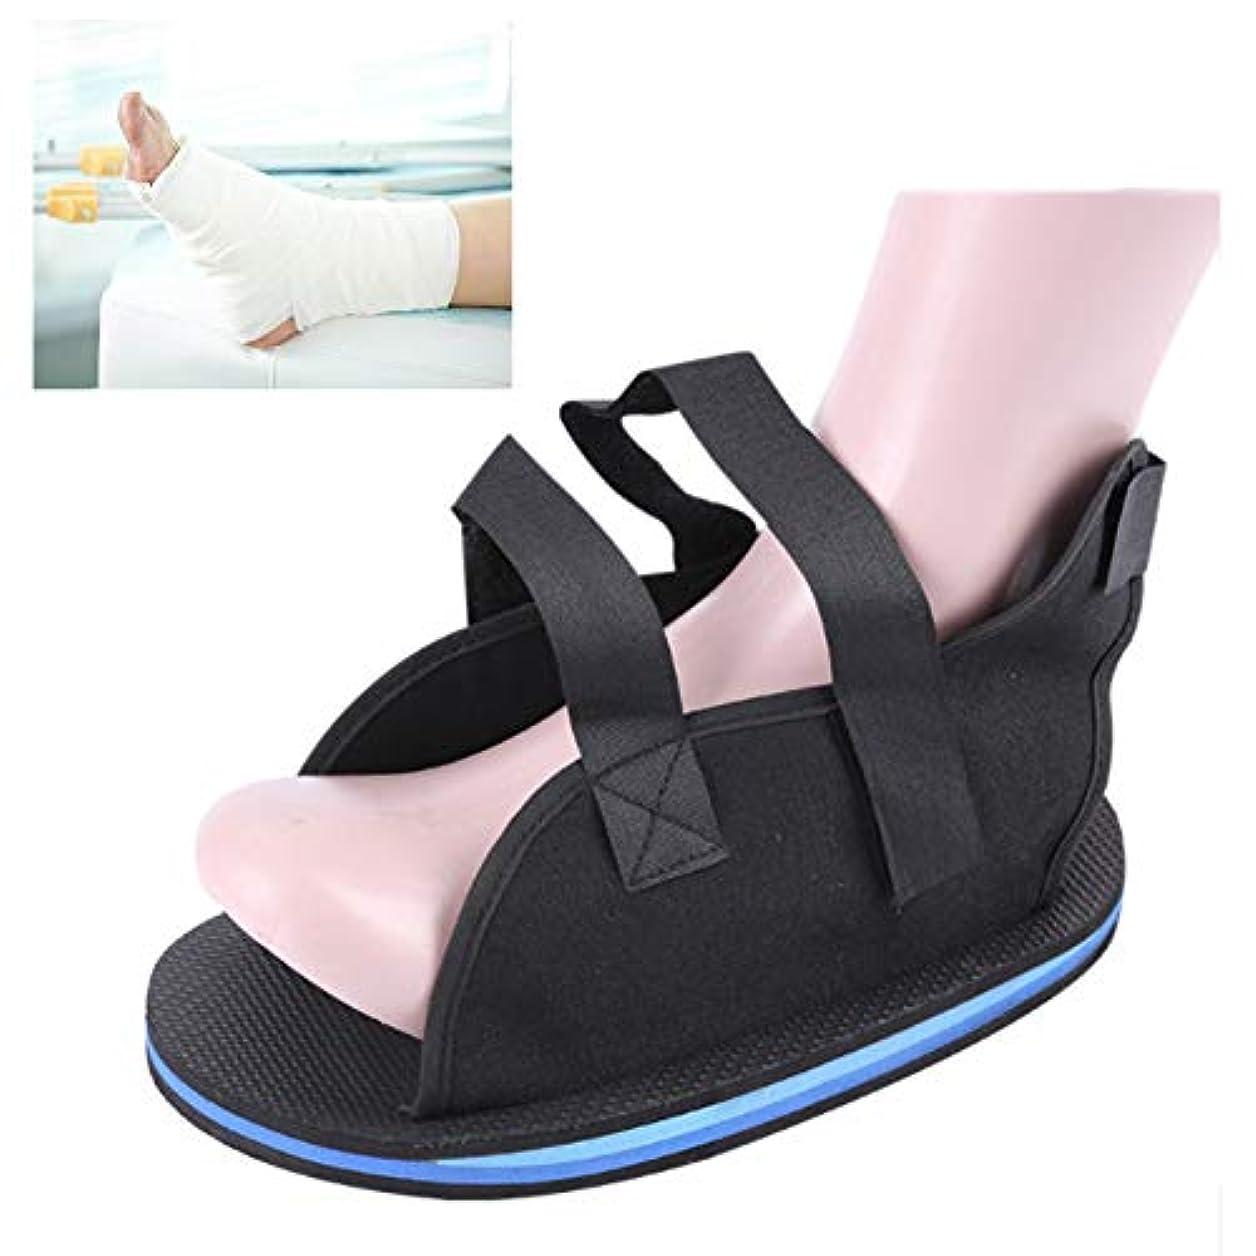 ヒロイン面積正義術後ウォーキングブートキャスト医療靴骨折足の靴ポスト傷害外科治療リハビリ石膏靴,22cm2pcs